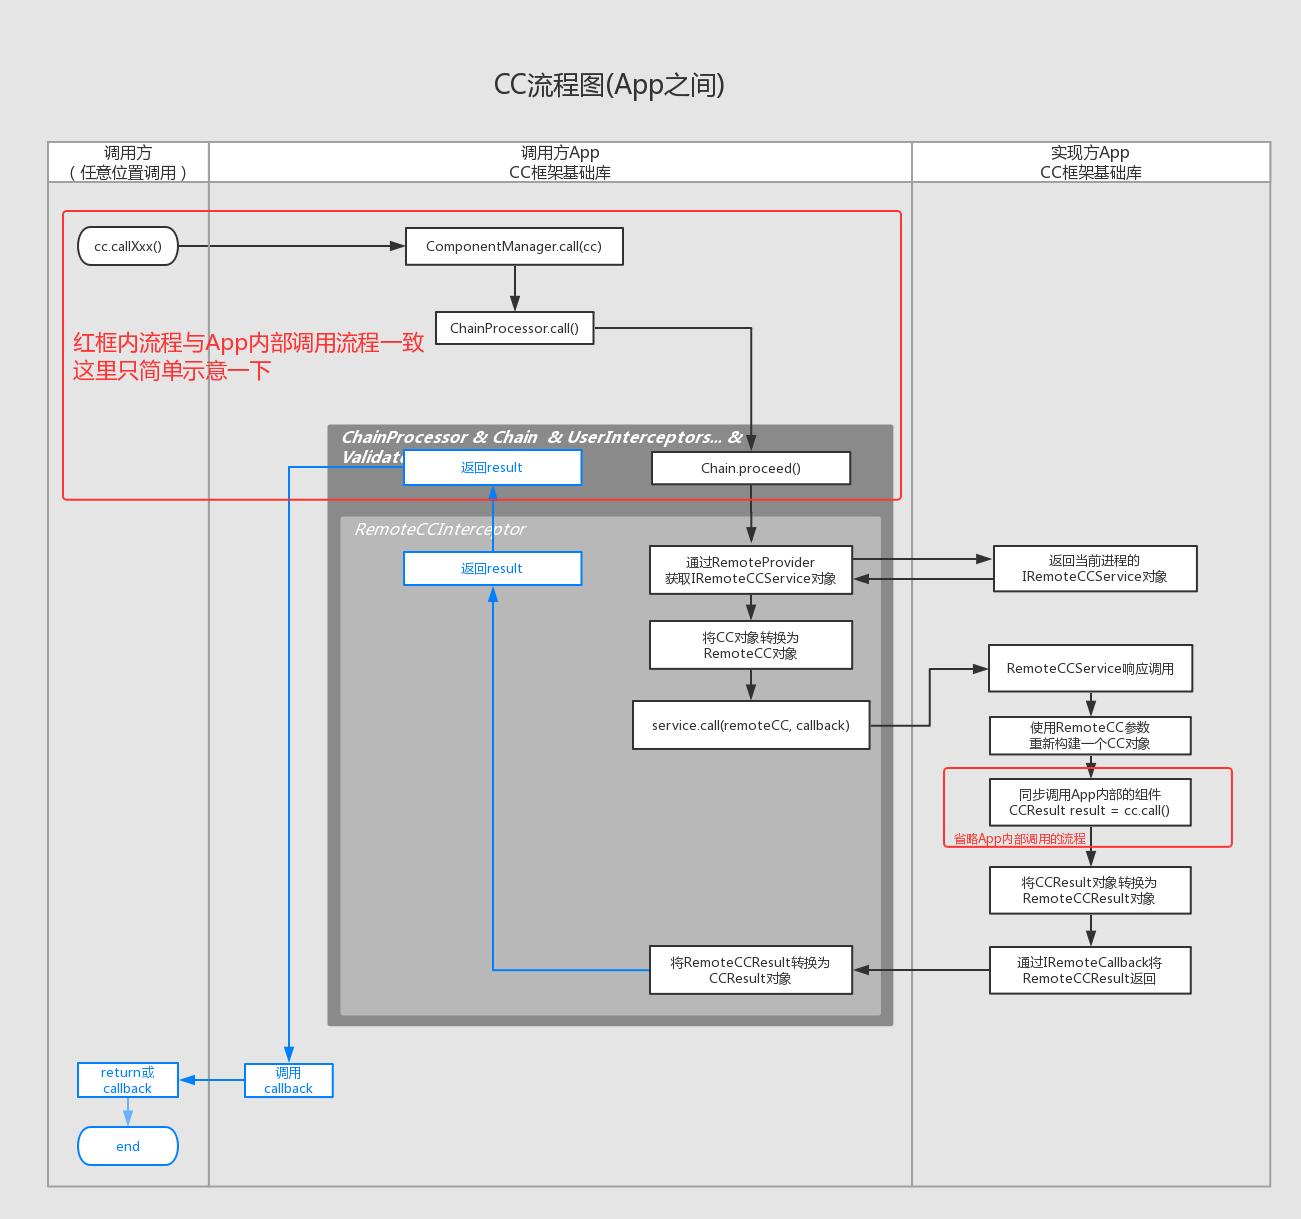 App之间CC调用流程图